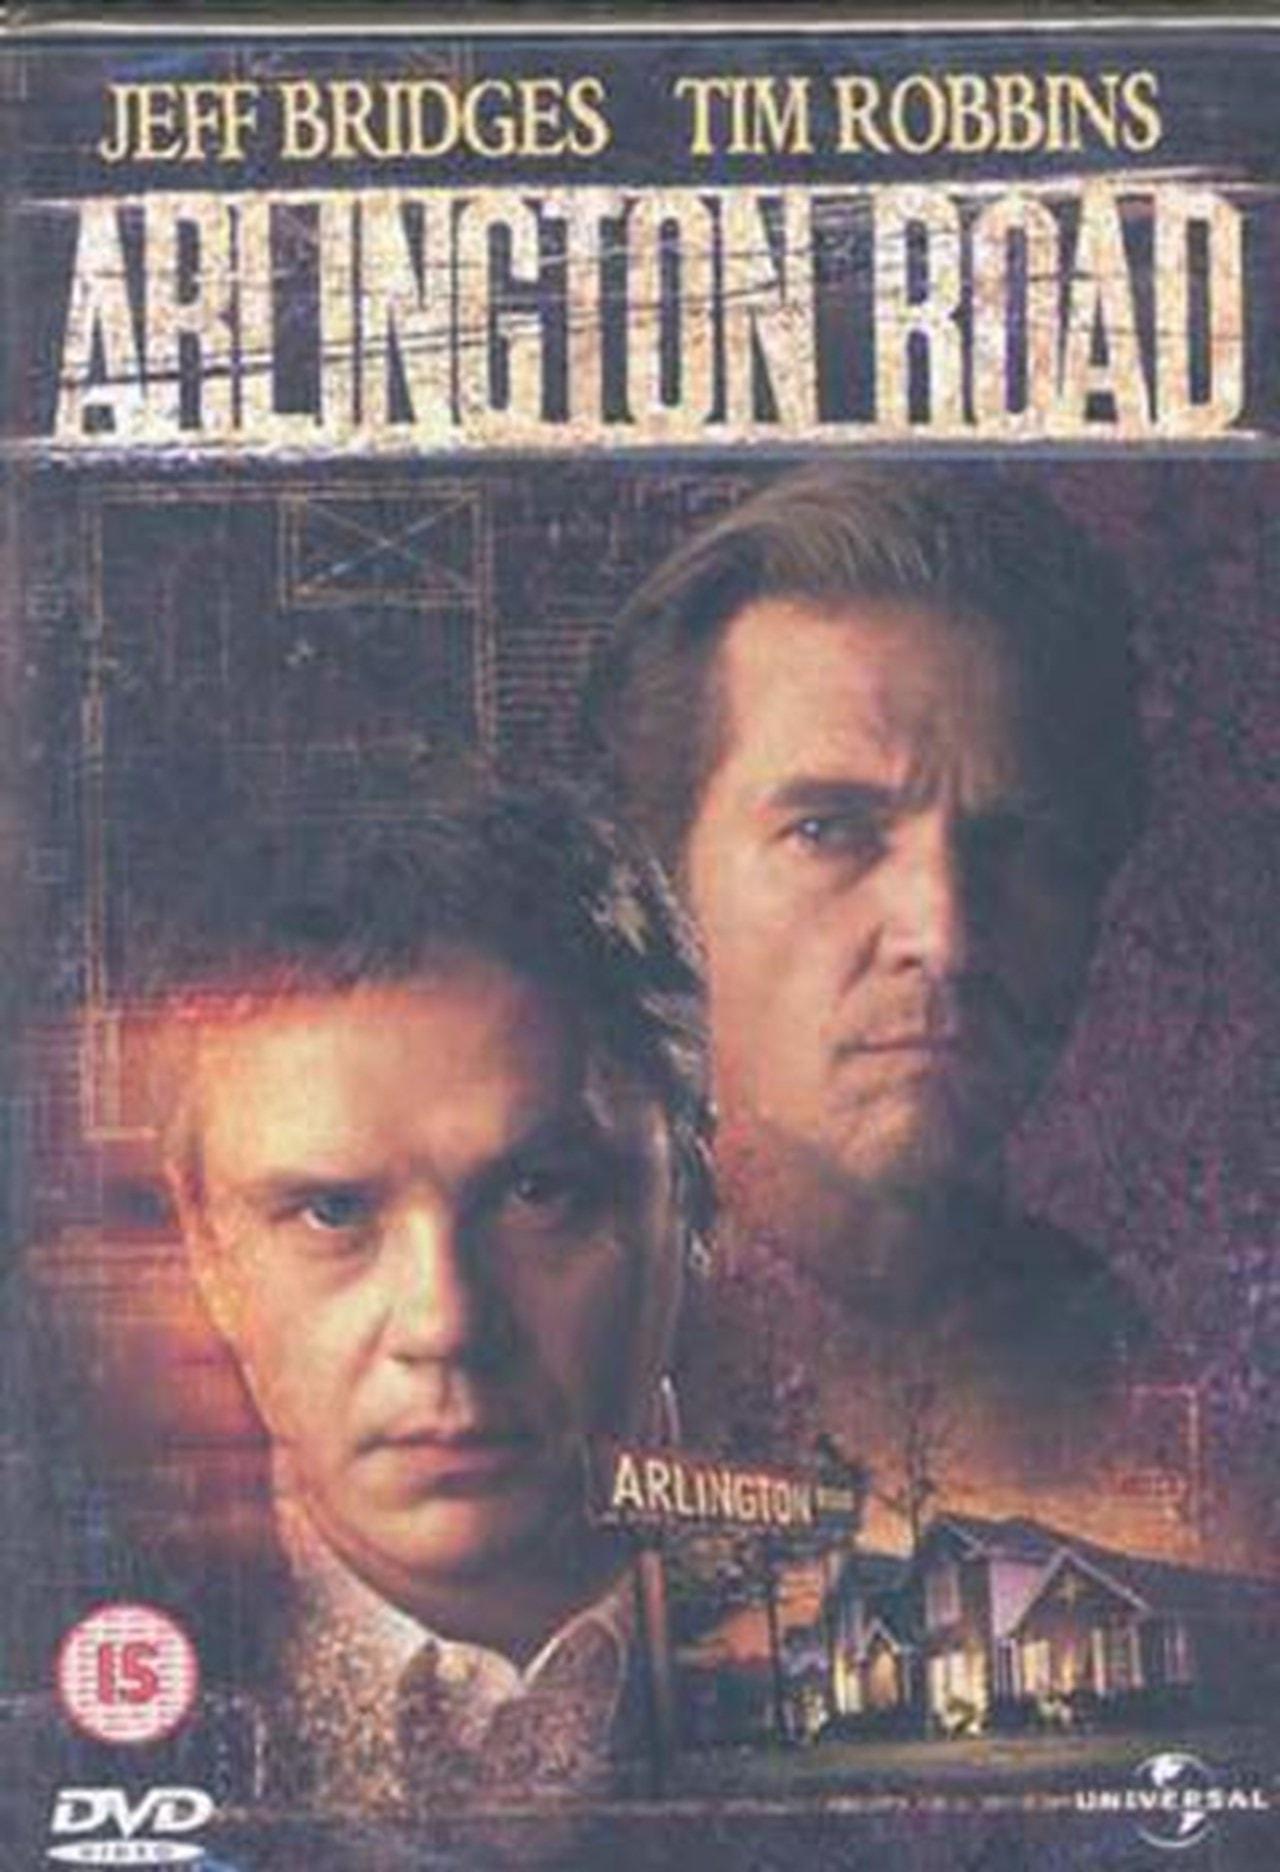 Arlington Road - 1